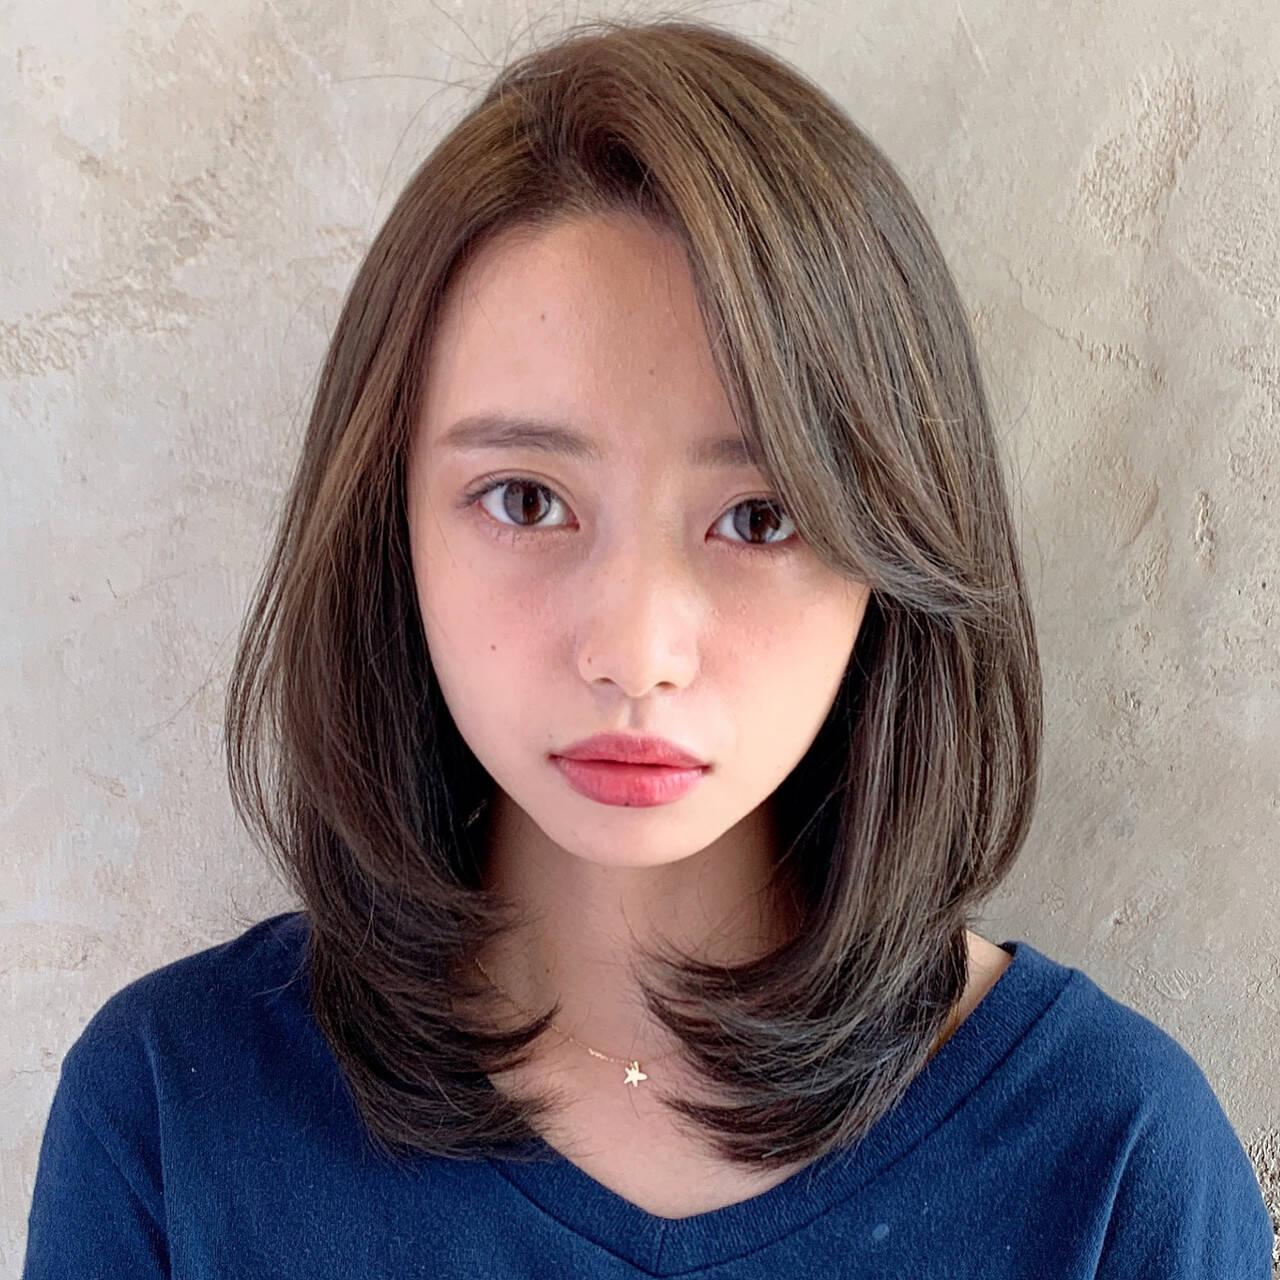 小顔ヘア かきあげバング ナチュラル 大人女子ヘアスタイルや髪型の写真・画像